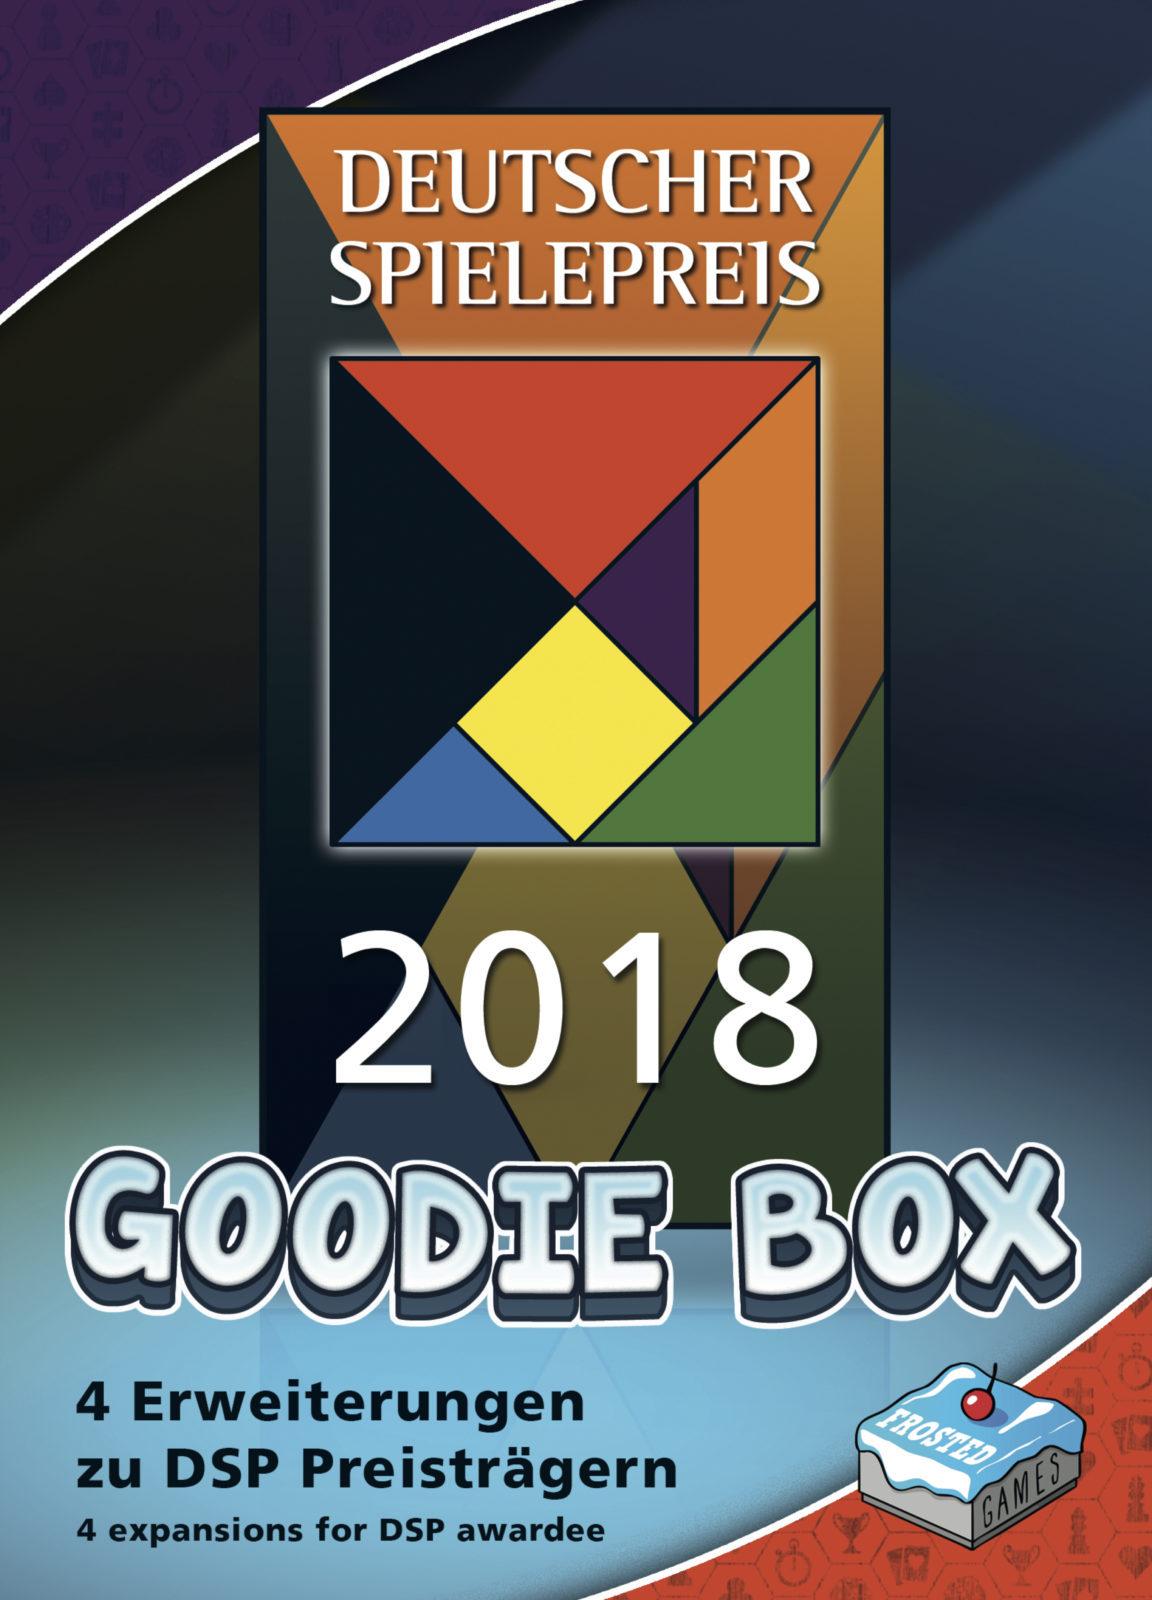 Deutscher Spielepreis 2018 - Goodie Box #ghj